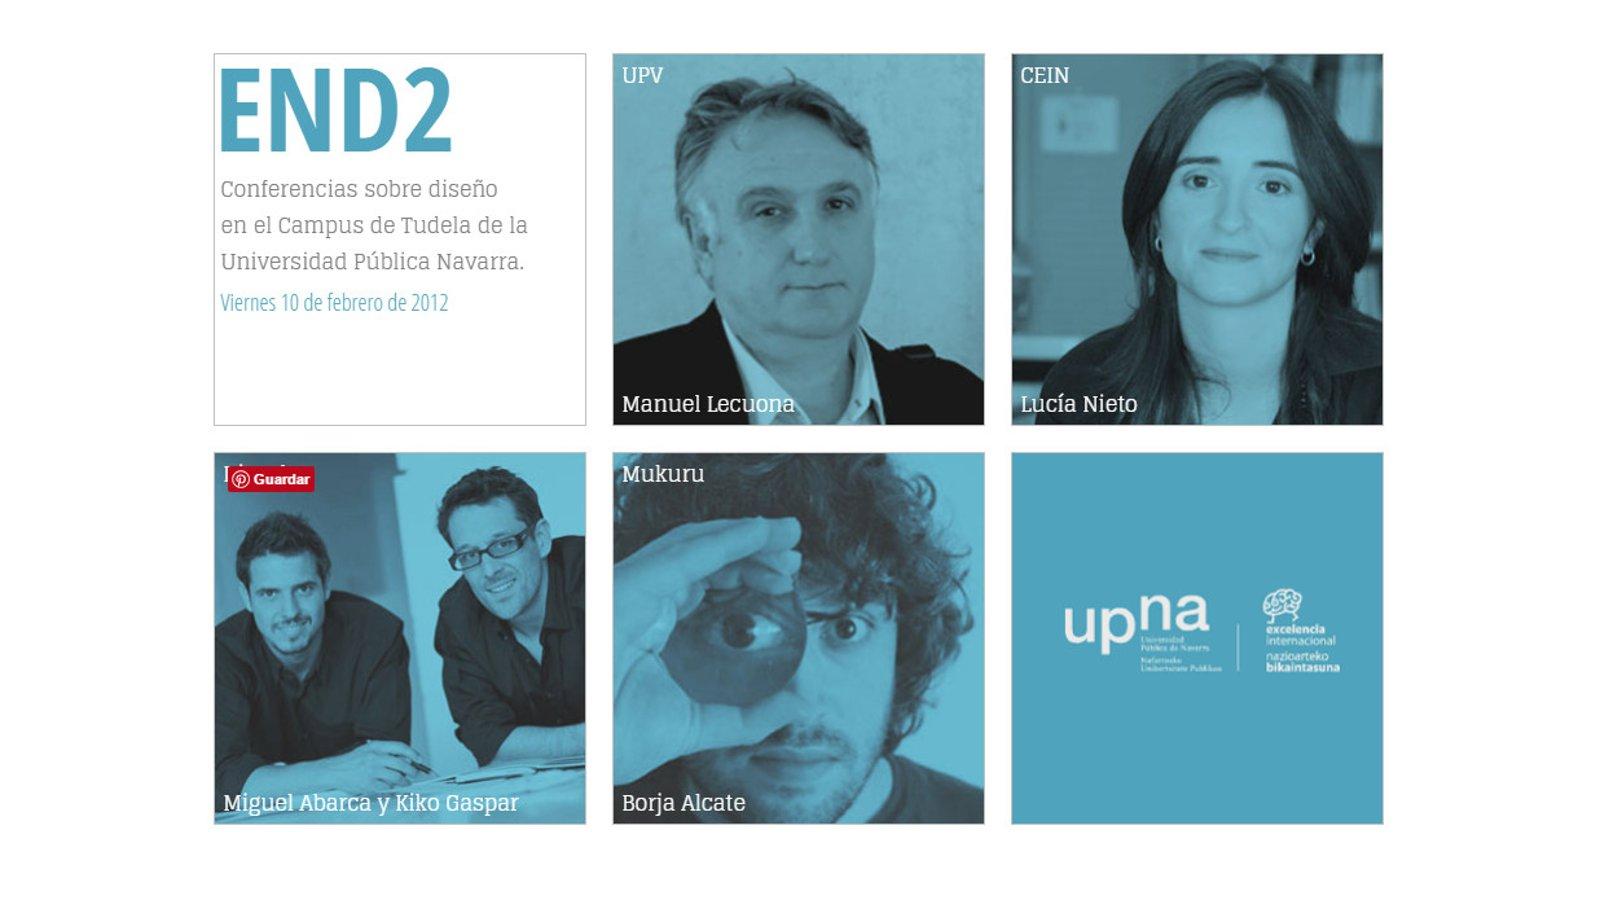 Flyer promoción Conferencias sobre diseño en el campus de Tudela Universidad publica de Navarra END2